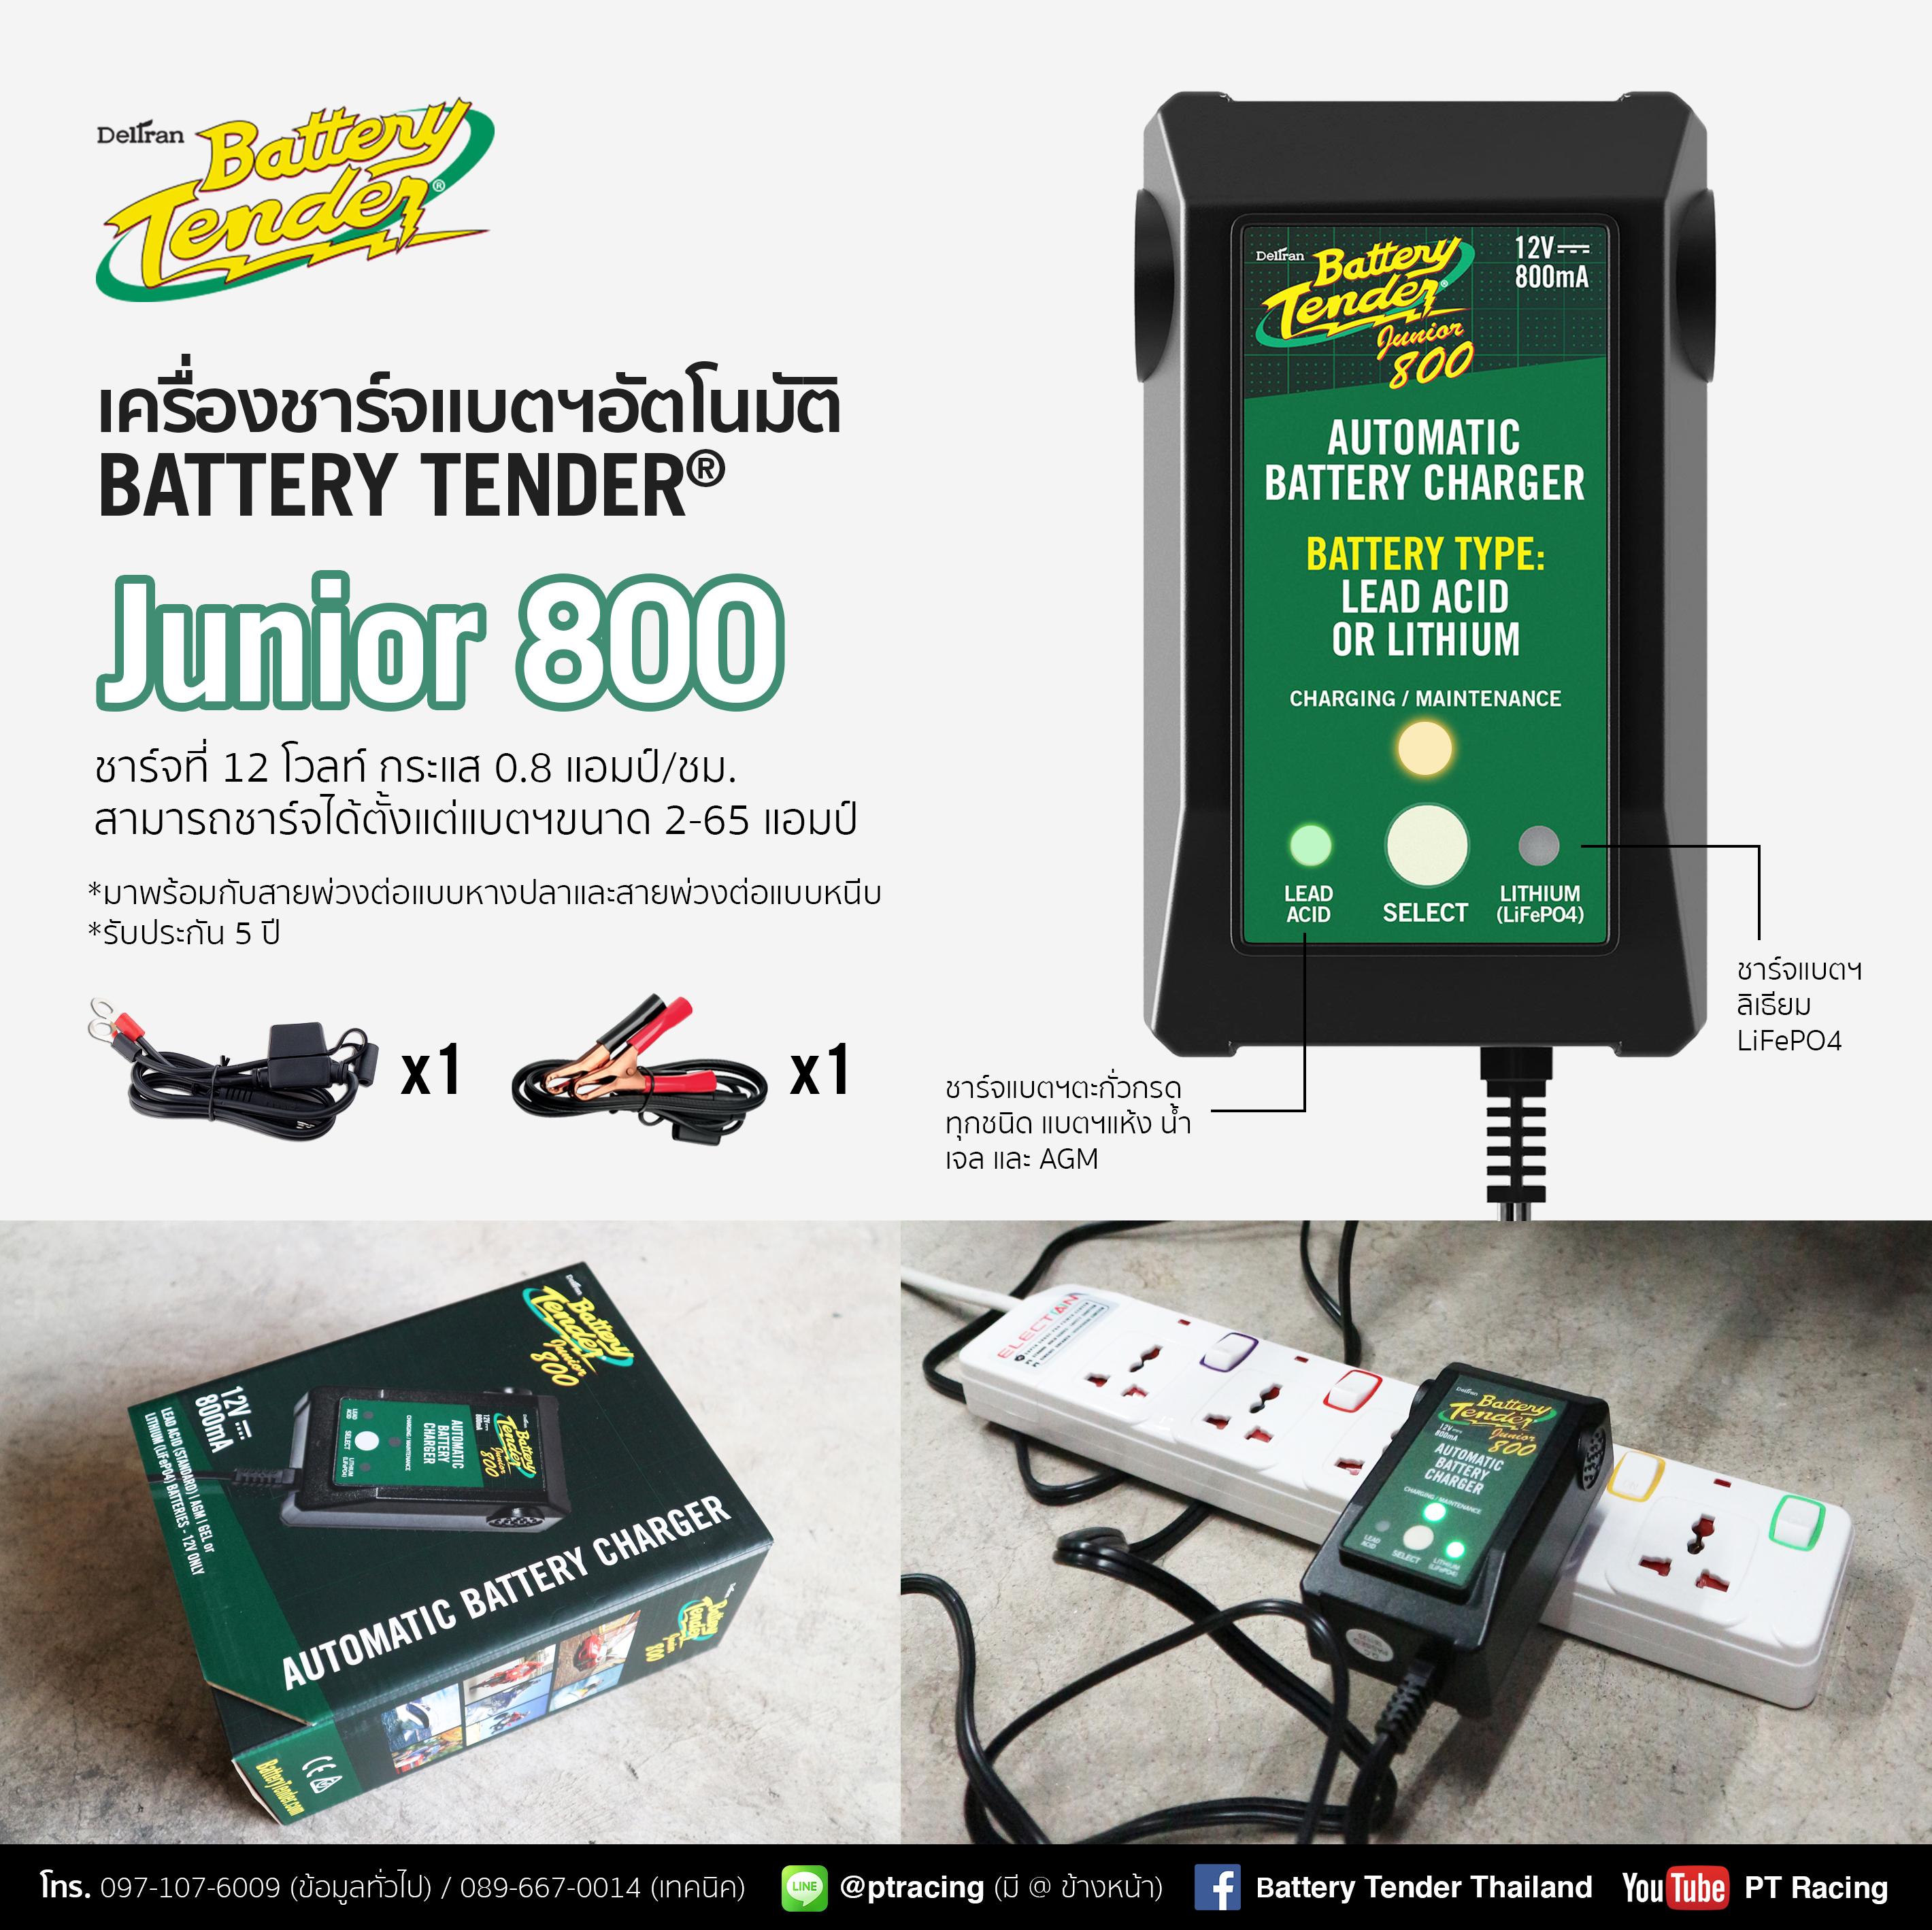 เครื่องชาร์จแบตเตอรี่ Battery Tender รุ่น Junior 800 Selectable